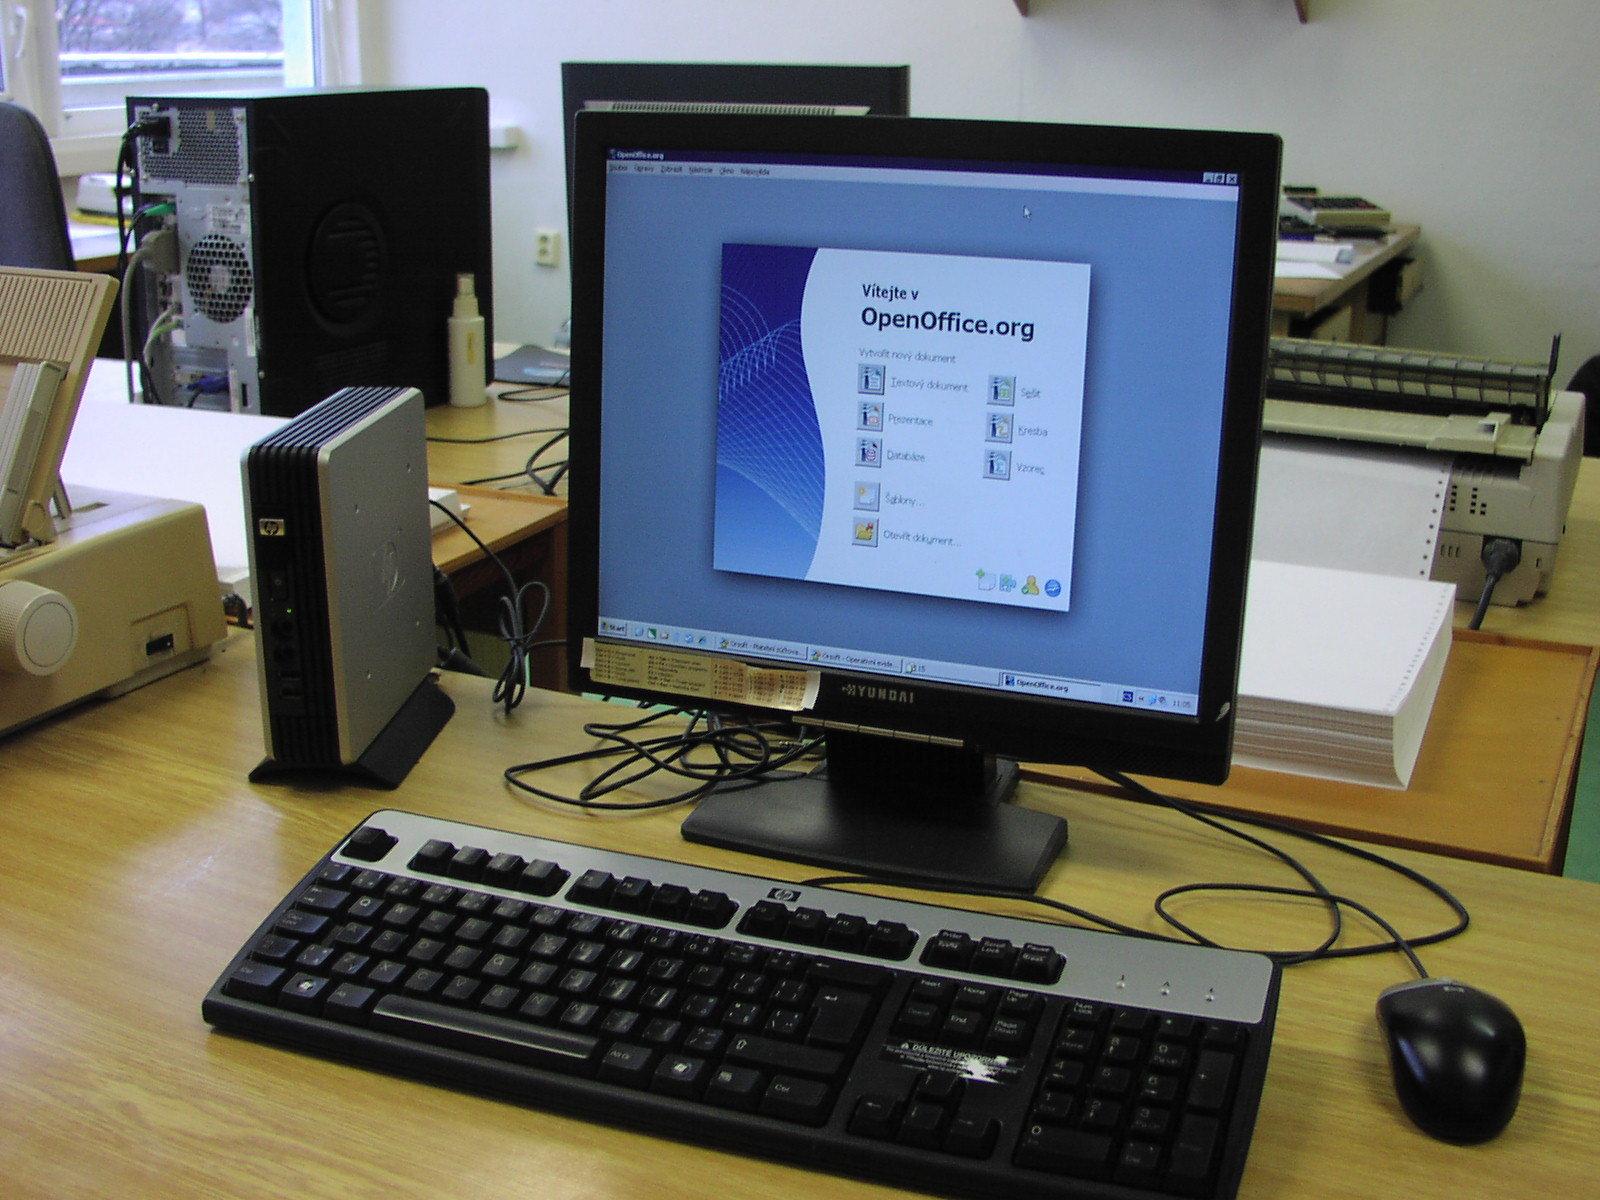 TOS ZNojmo - Tenký klient HP T5530 s OpenOffice.org